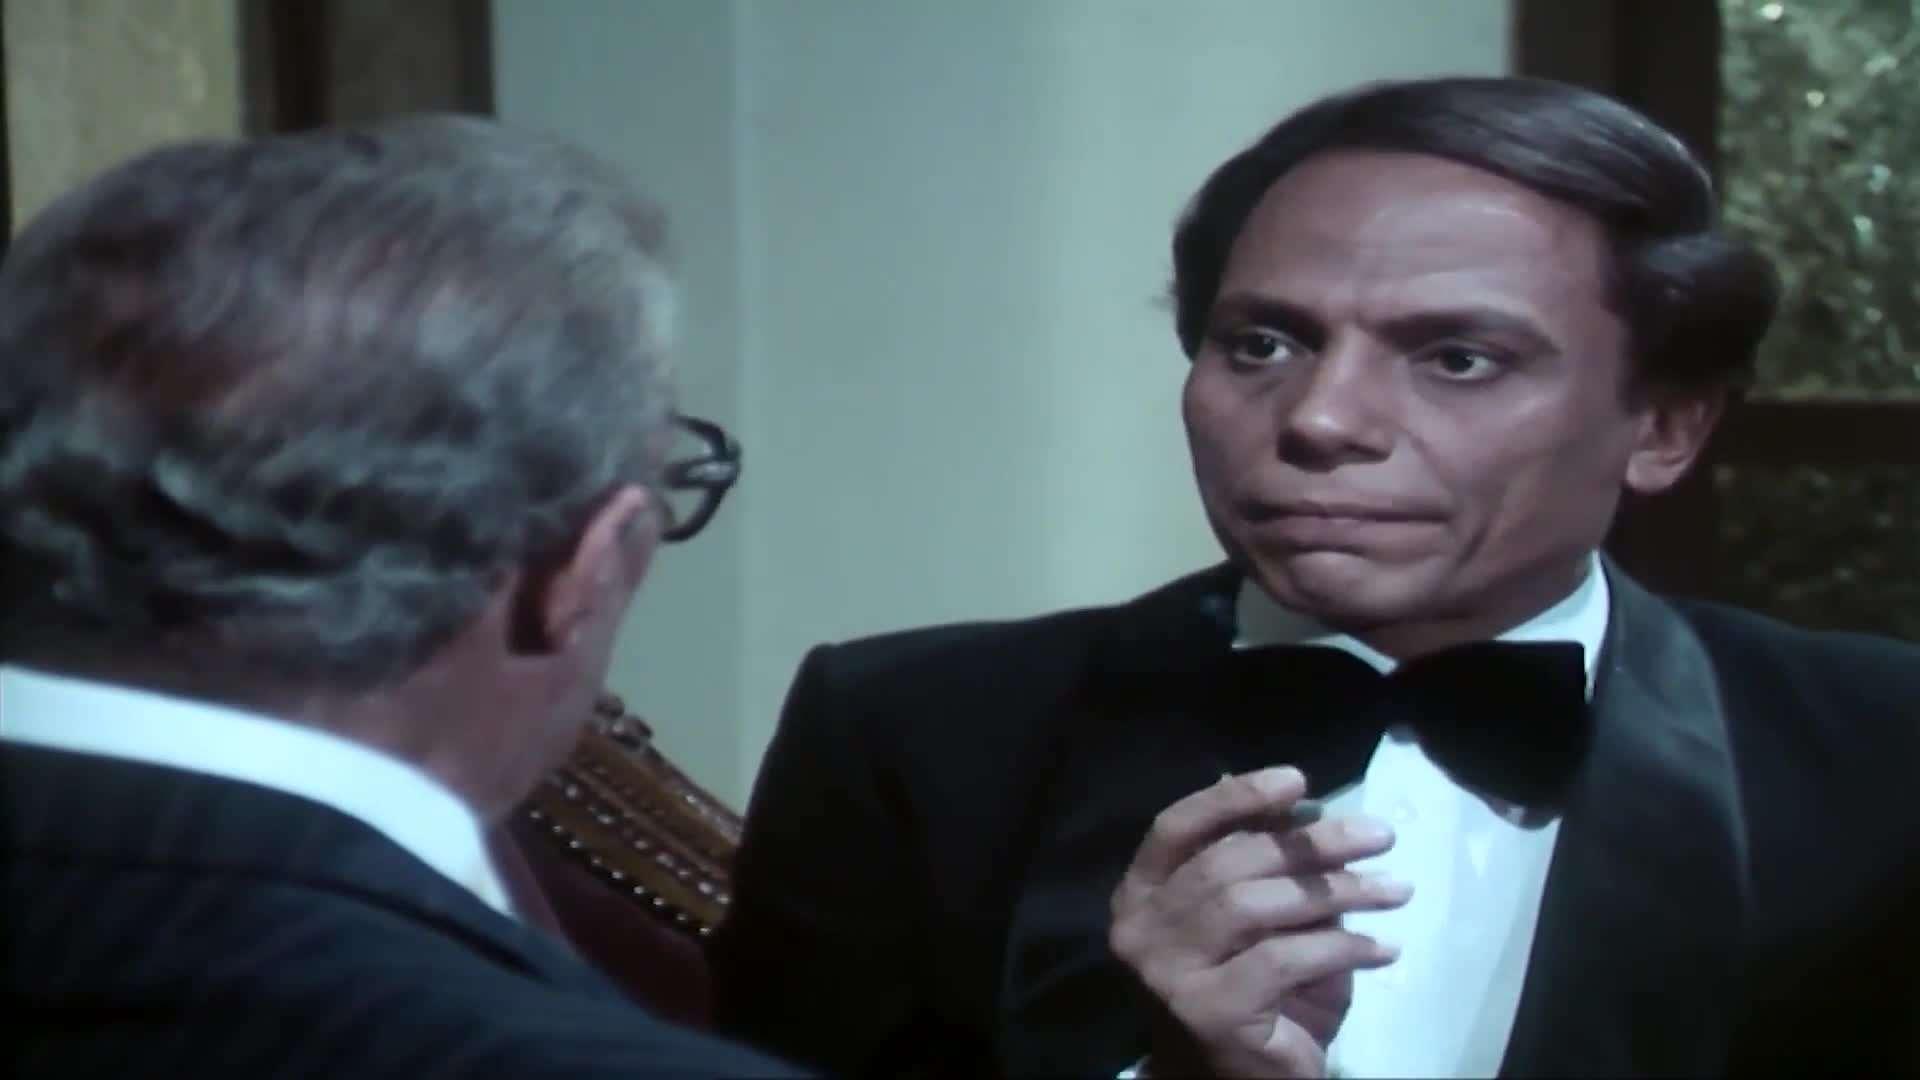 [فيلم][تورنت][تحميل][عصابة حمادة وتوتو][1982][1080p][Web-DL] 11 arabp2p.com